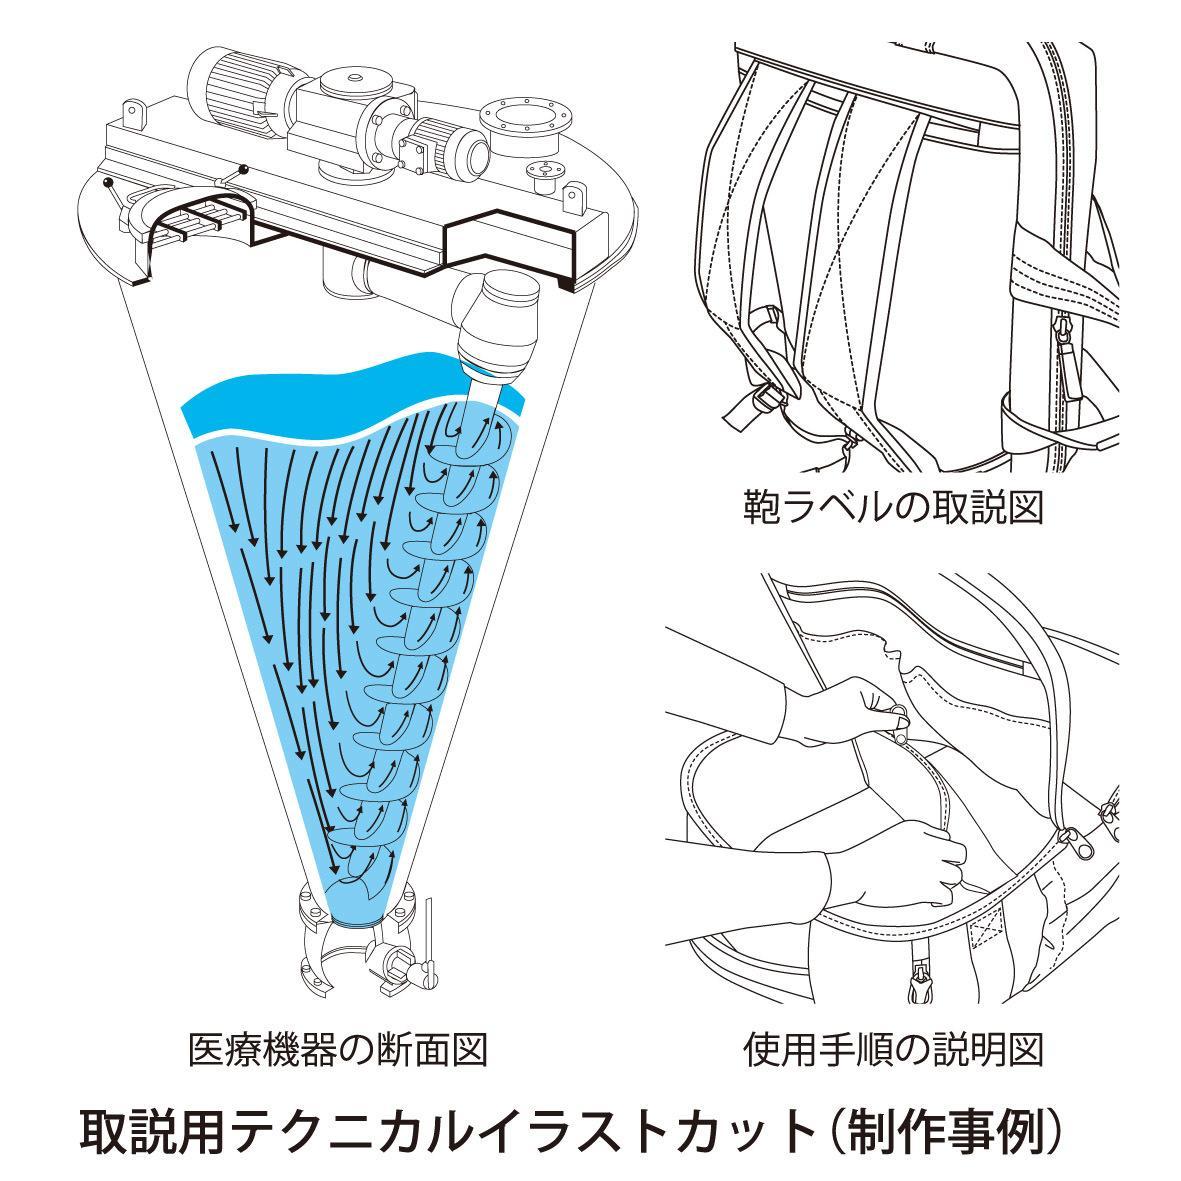 取説用テク二カルイラスト描きます 取扱説明書等に挿絵として描かれるテクニカルイラストです。